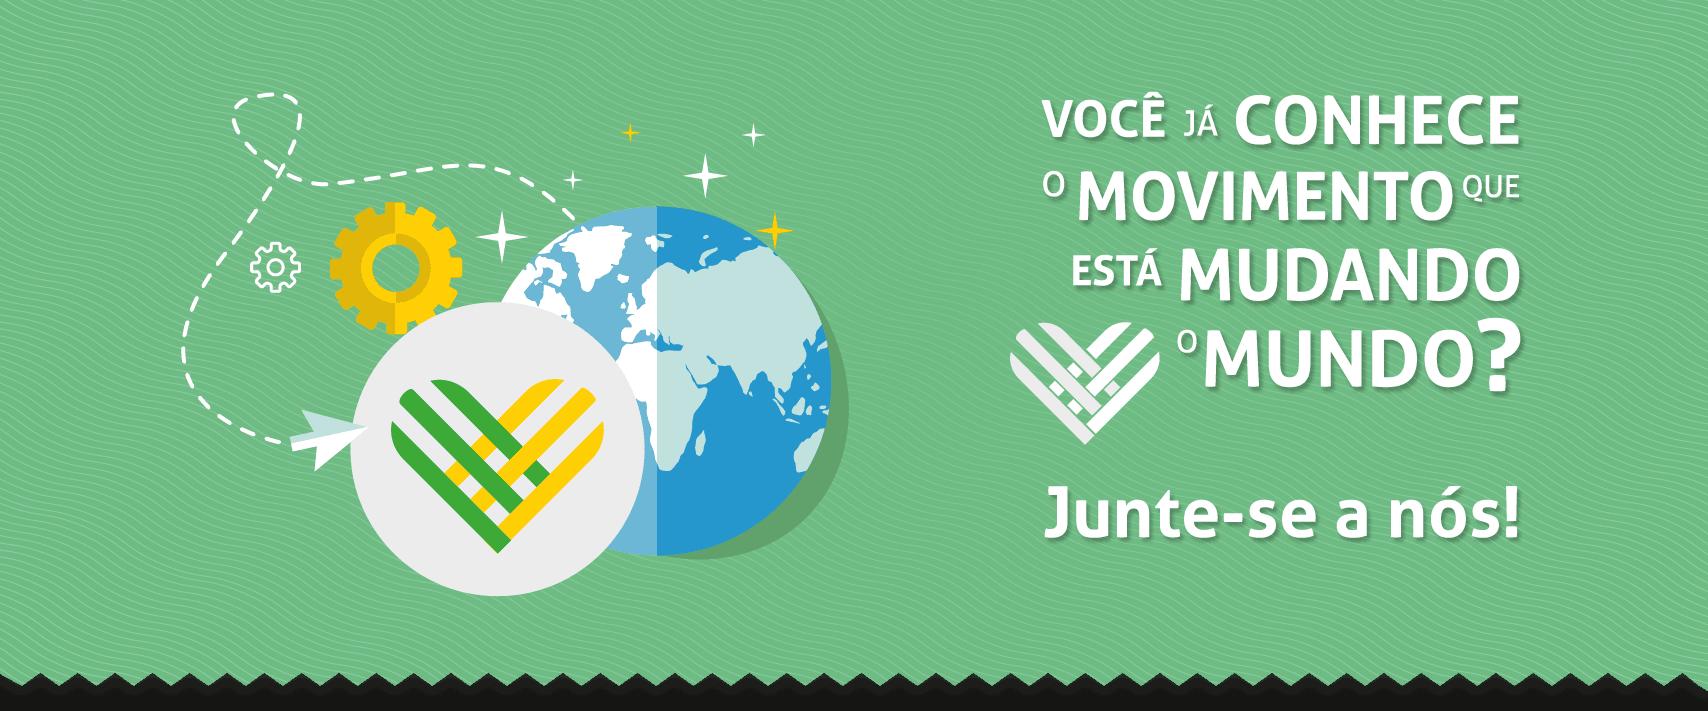 #diadedoar Movimento de Doação no Brasil